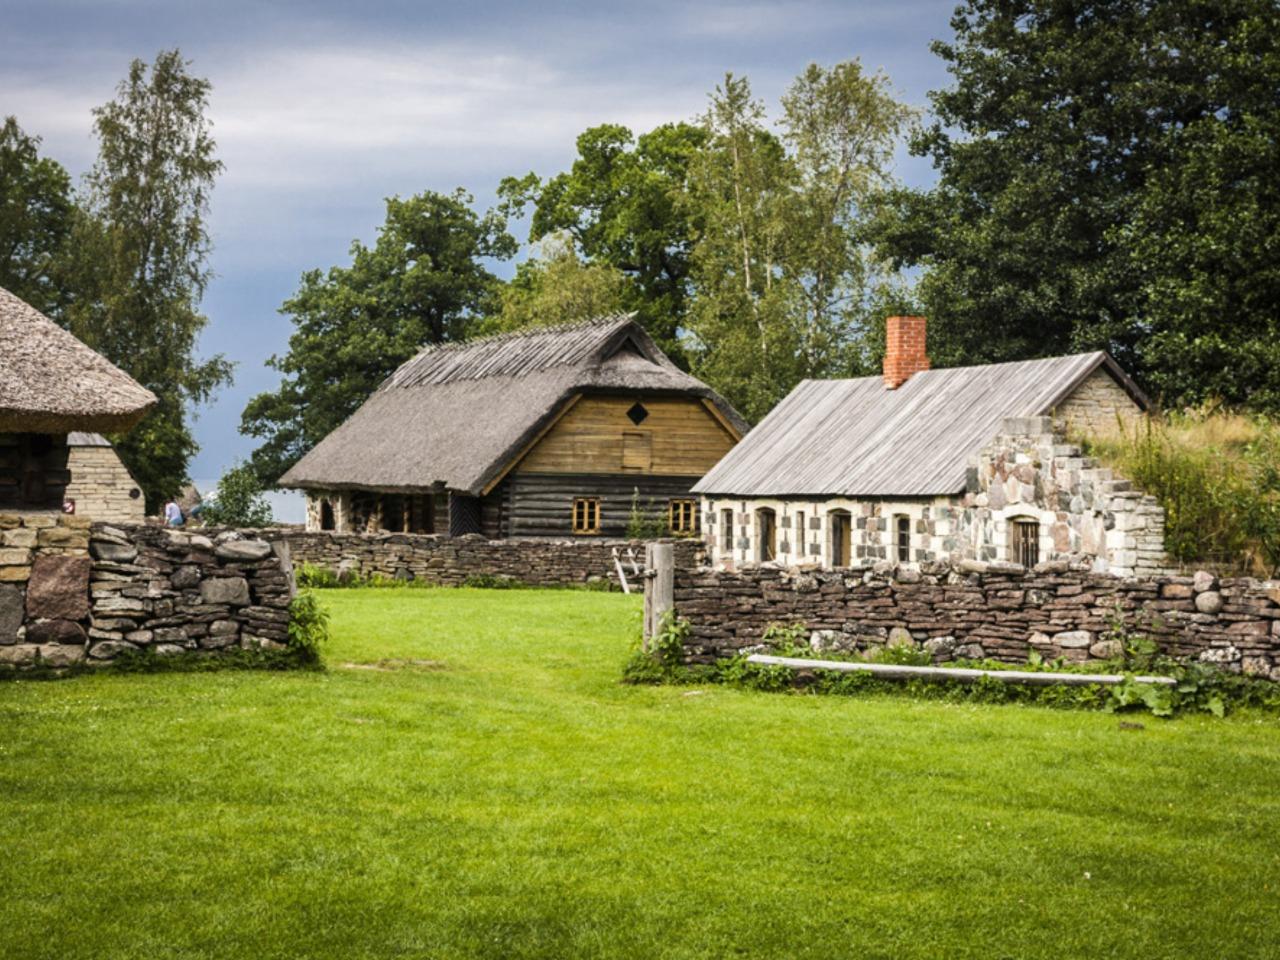 Этнографический музей Эстонии под открытым небом - индивидуальная экскурсия в Таллине от опытного гида